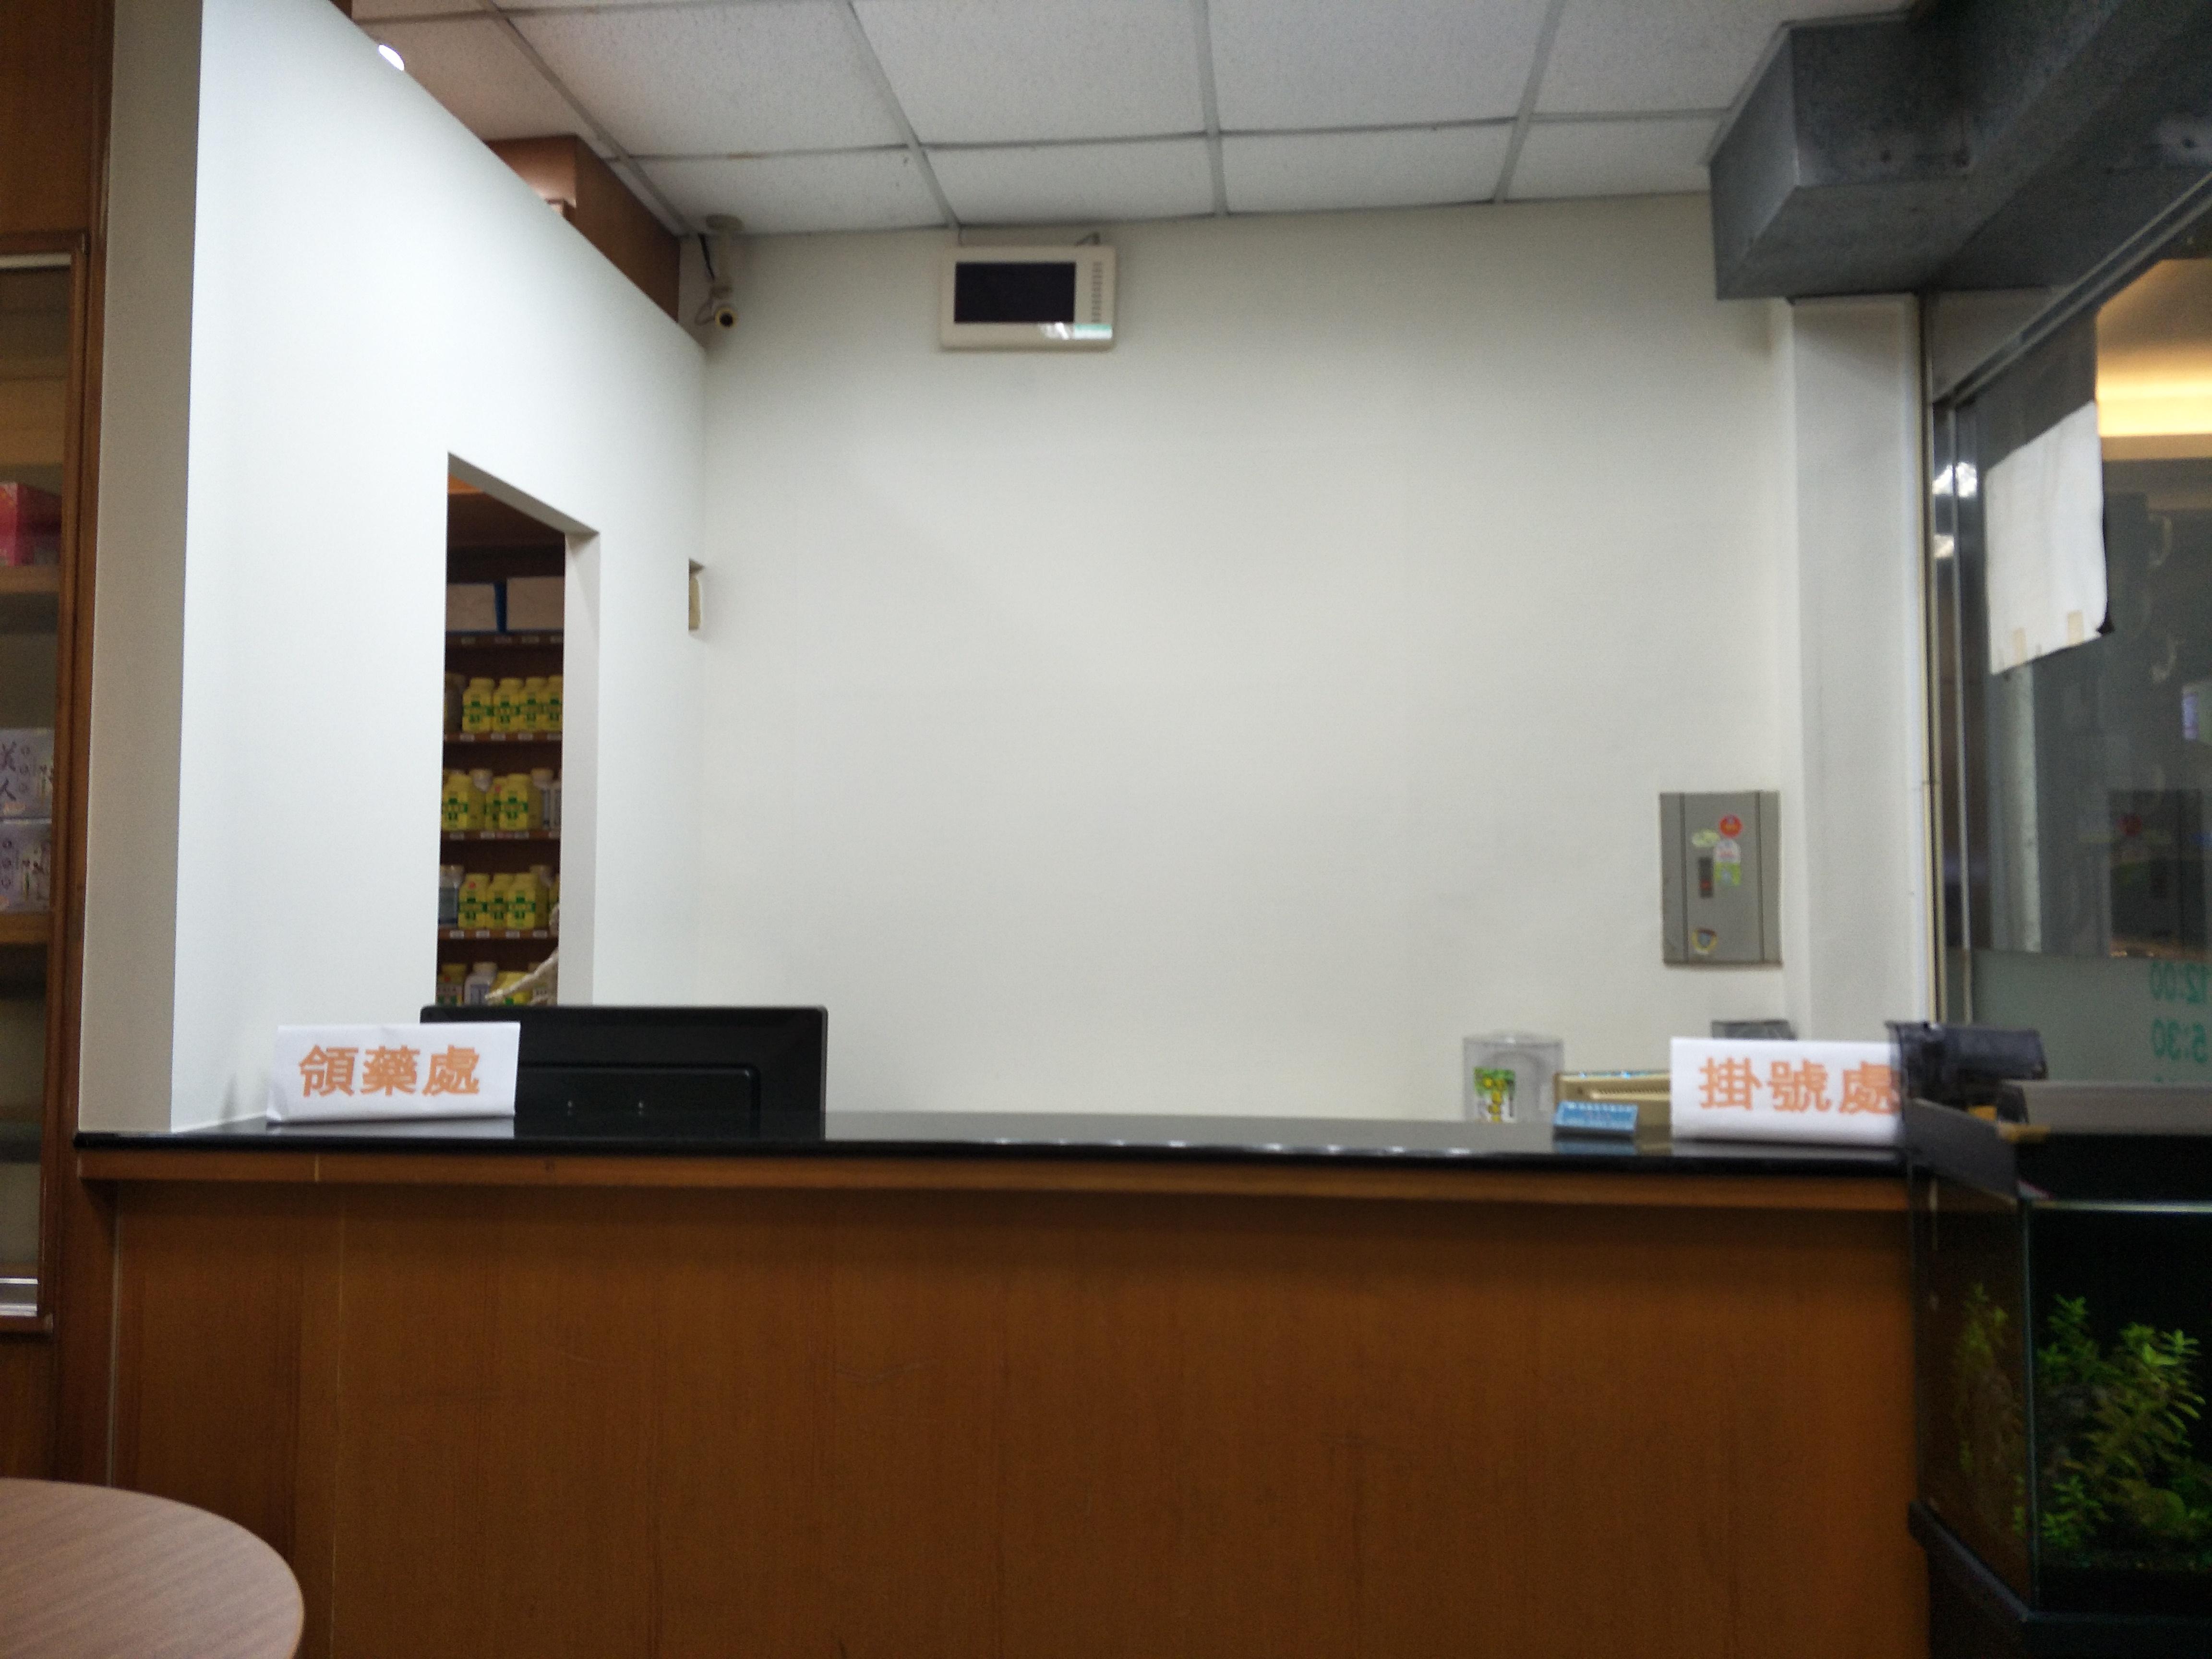 恆安堂中醫診所-掛號處.jpg